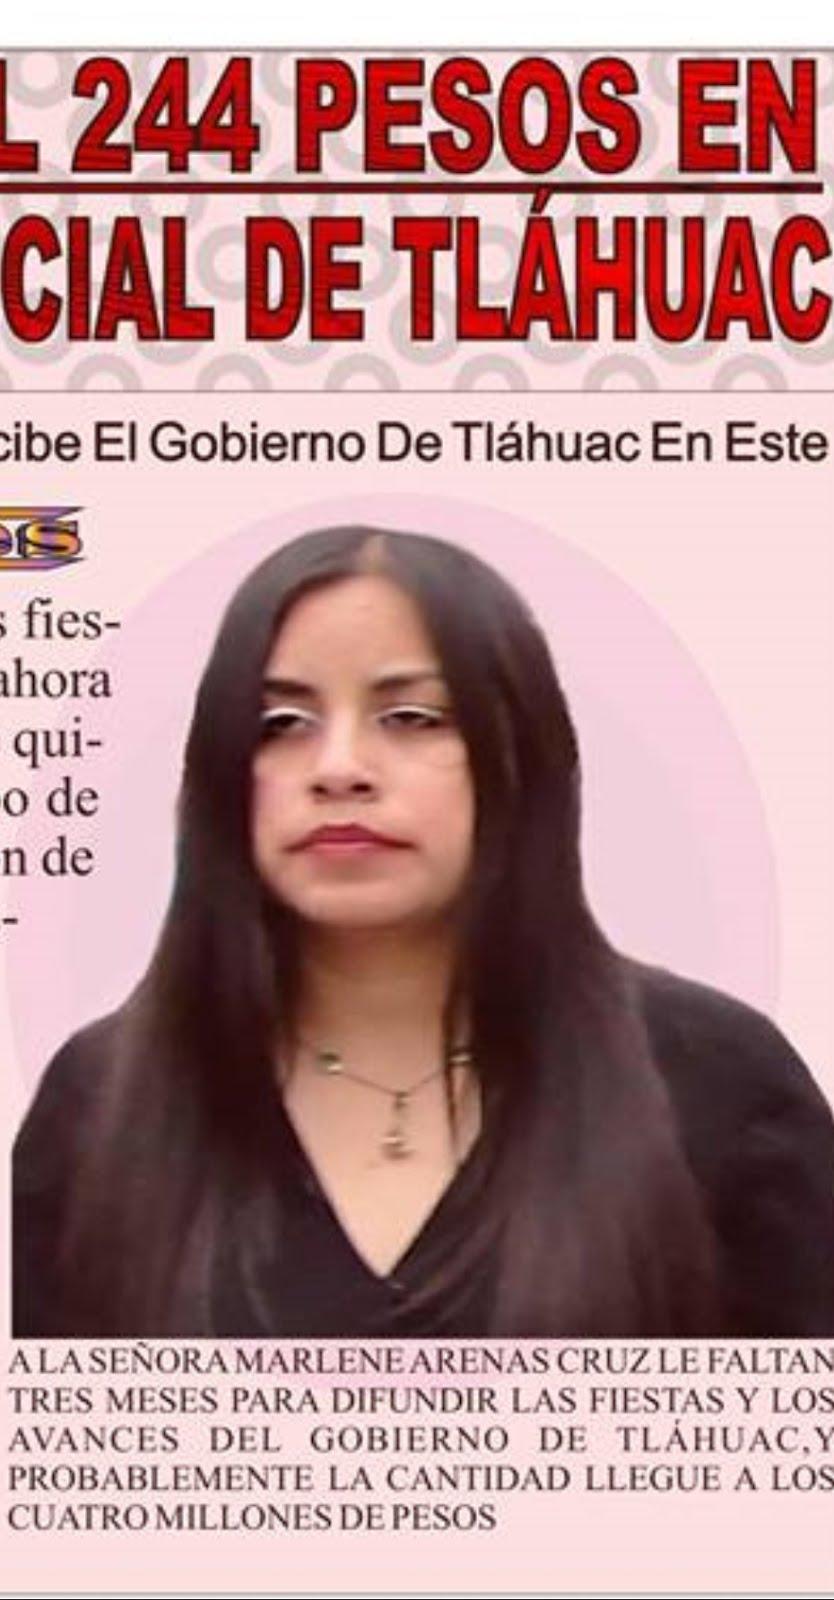 Evidencian opacidad en gastos de comunicación social en Tláhuac